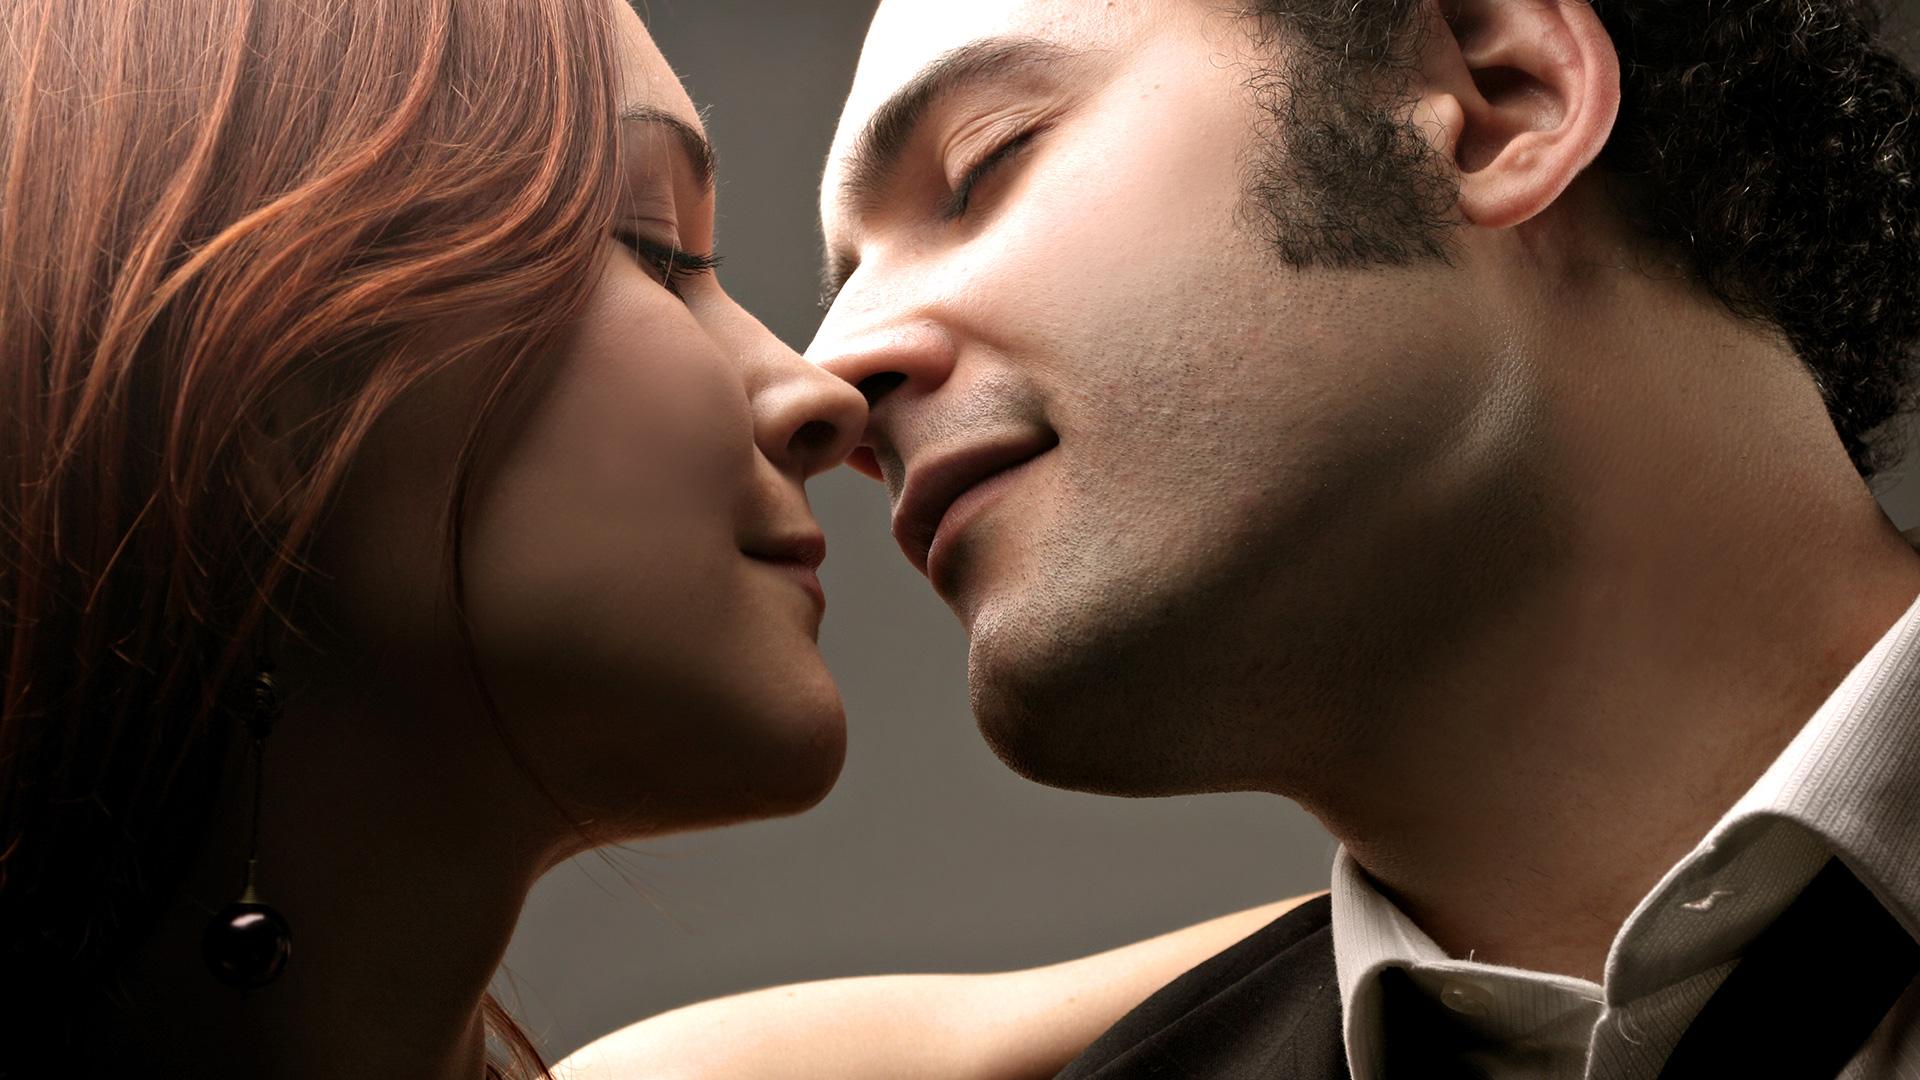 искусство любви, поцелуй в сексе,